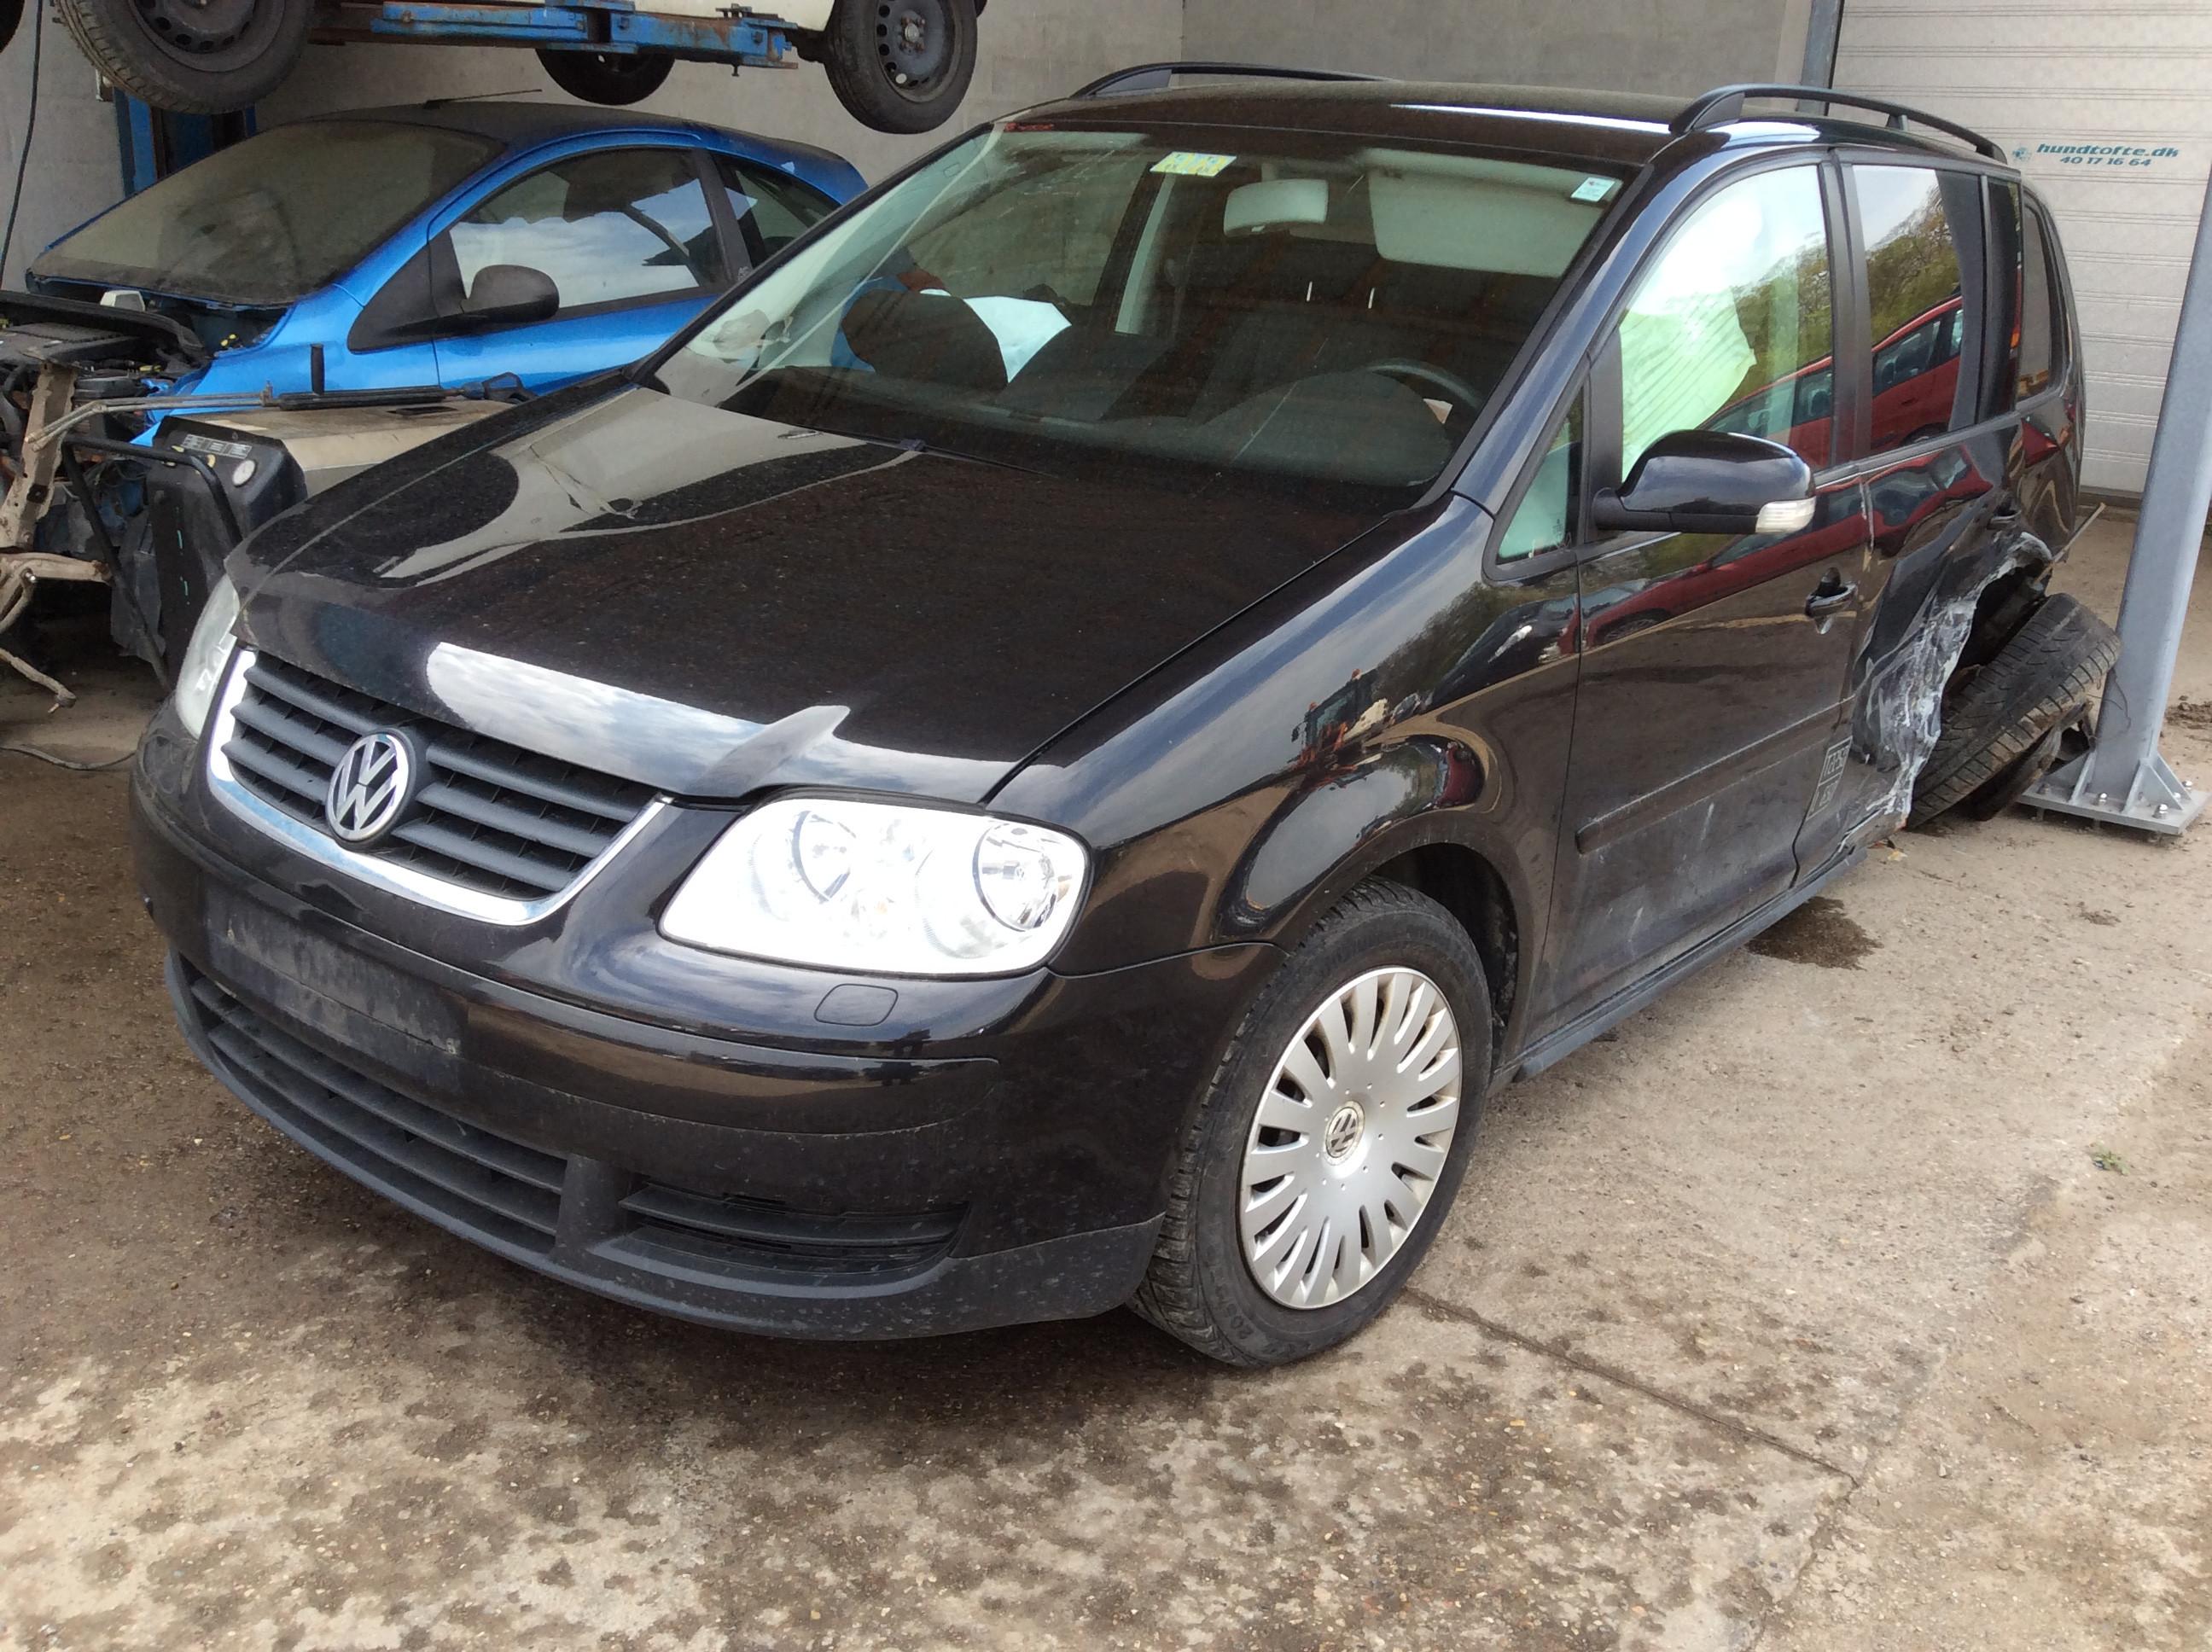 VW TOURAN 2,0TDI ÅR 2006 6sppd 76-0517